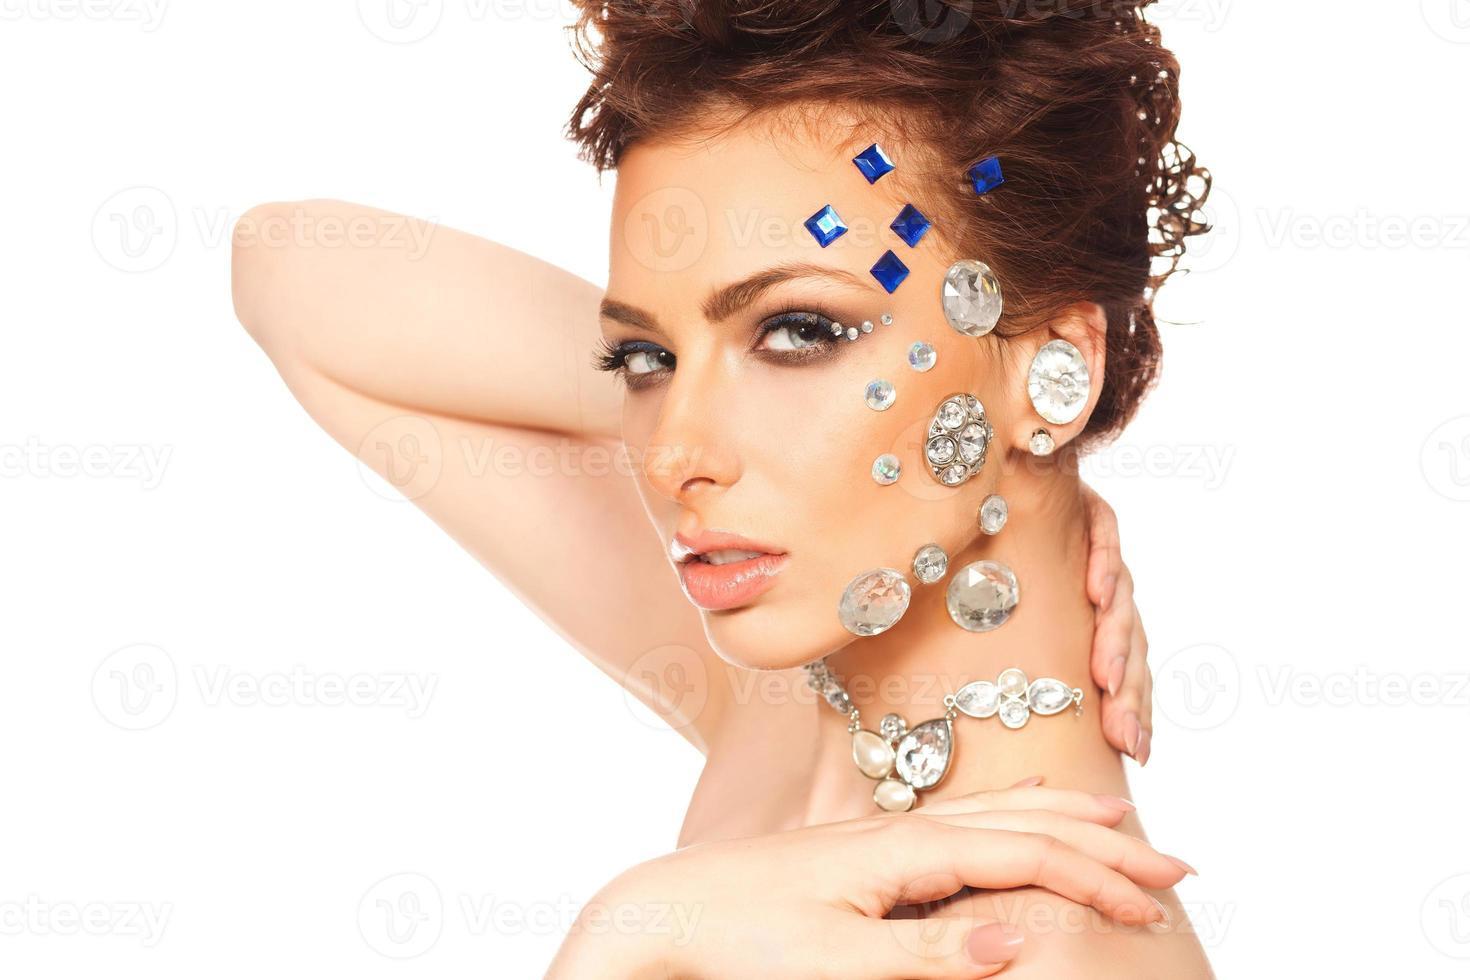 Porträt des schönen Mädchens mit Diamanten auf ihrem Gesicht foto